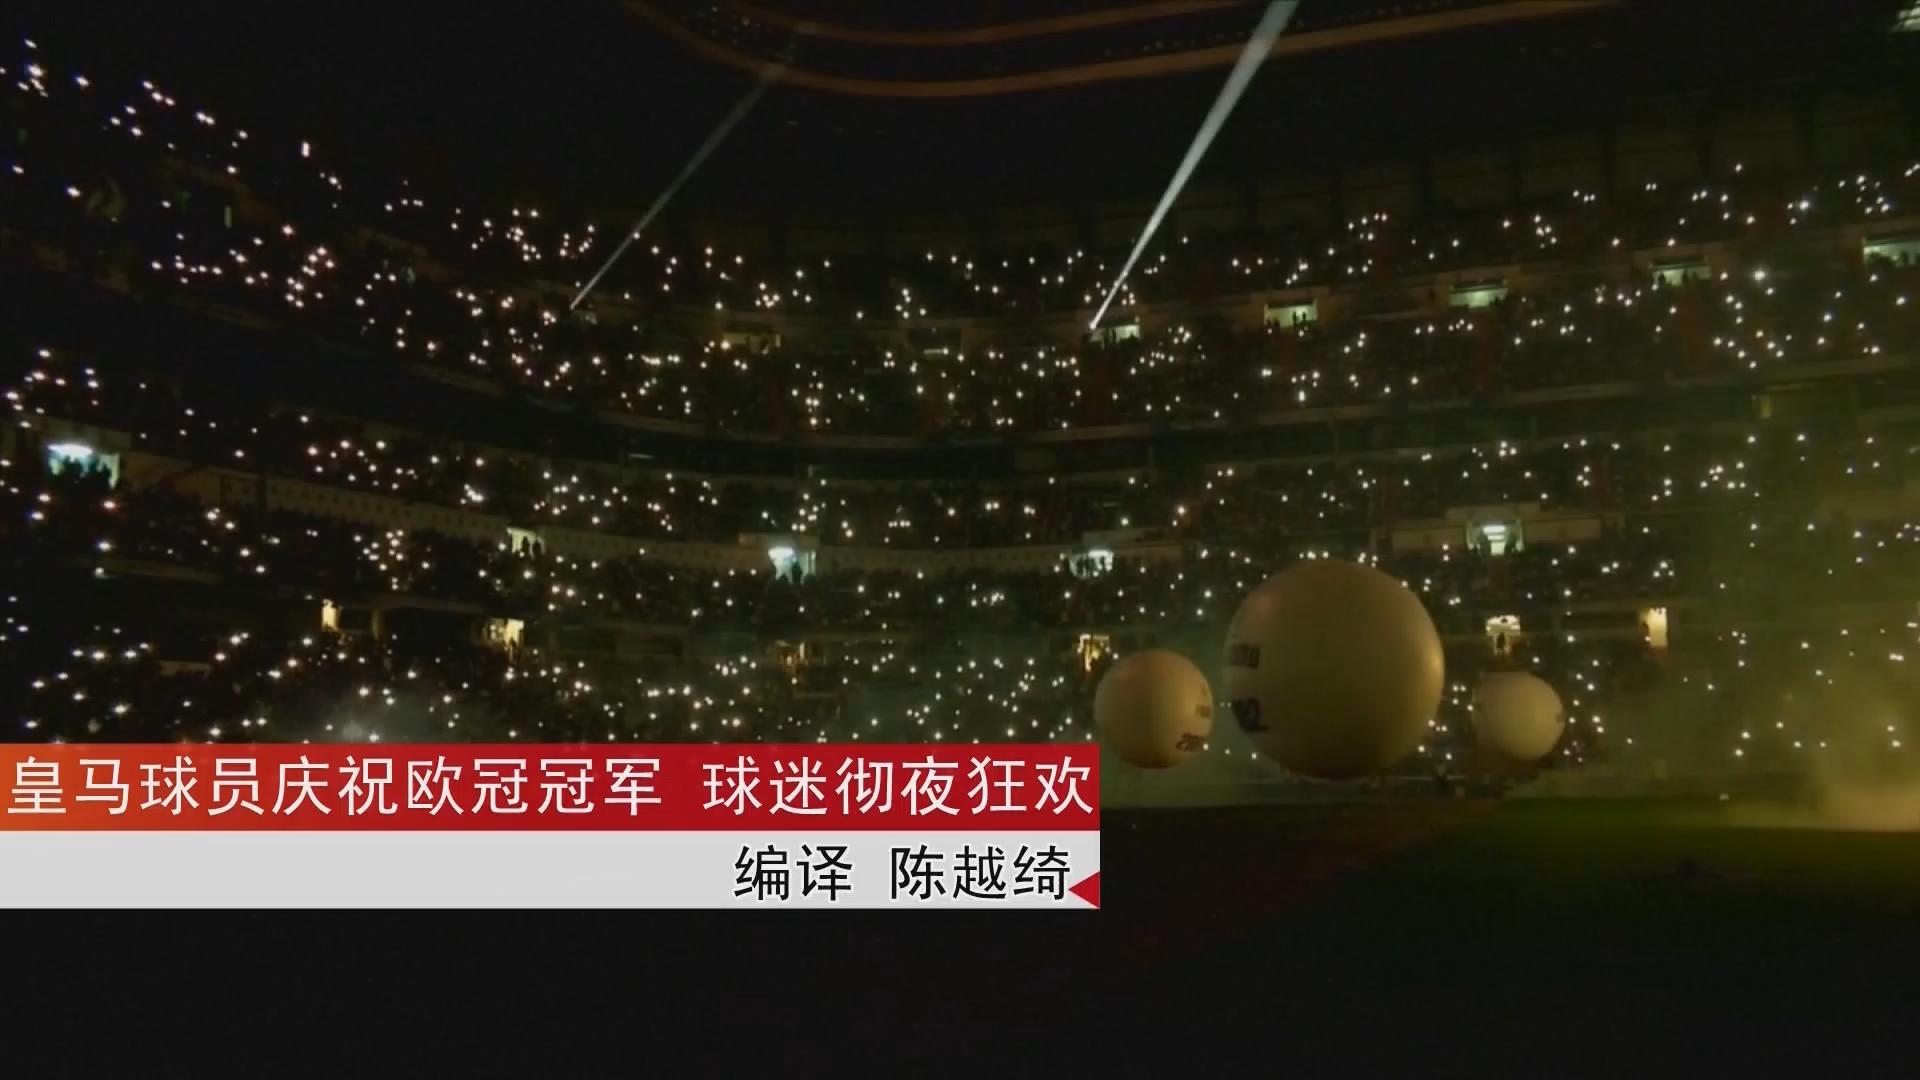 组图-皇马举办欧冠夺冠庆典 迷你罗合影bbc